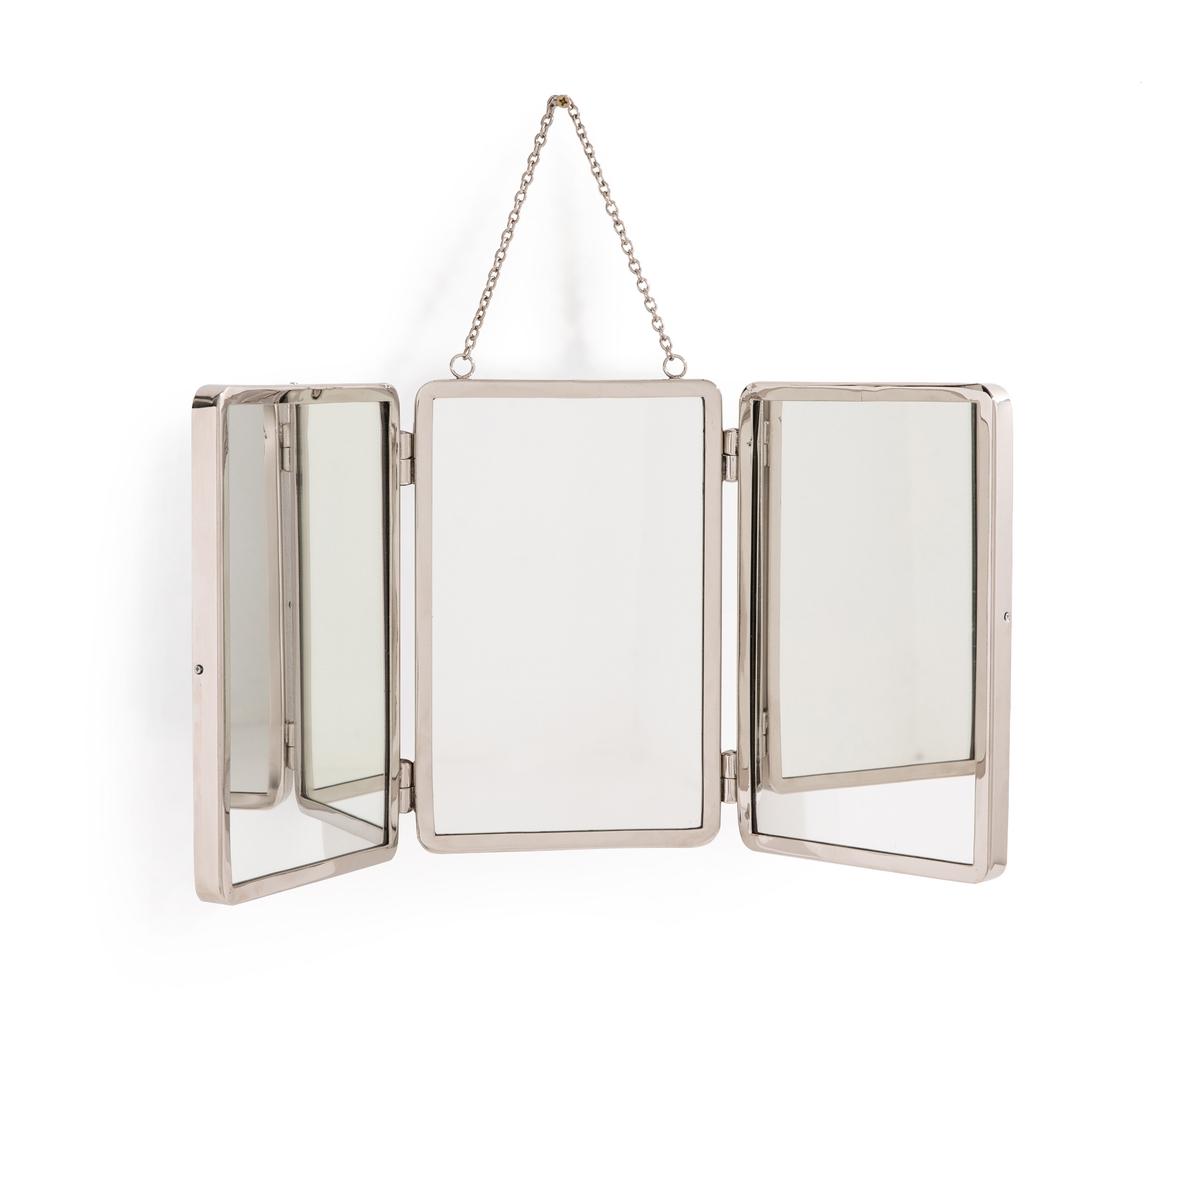 Зеркало La Redoute Маленькая модель Д55 x В27 см Barbier единый размер другие зеркало la redoute прямоугольное большой размер д x в см barbier единый размер другие